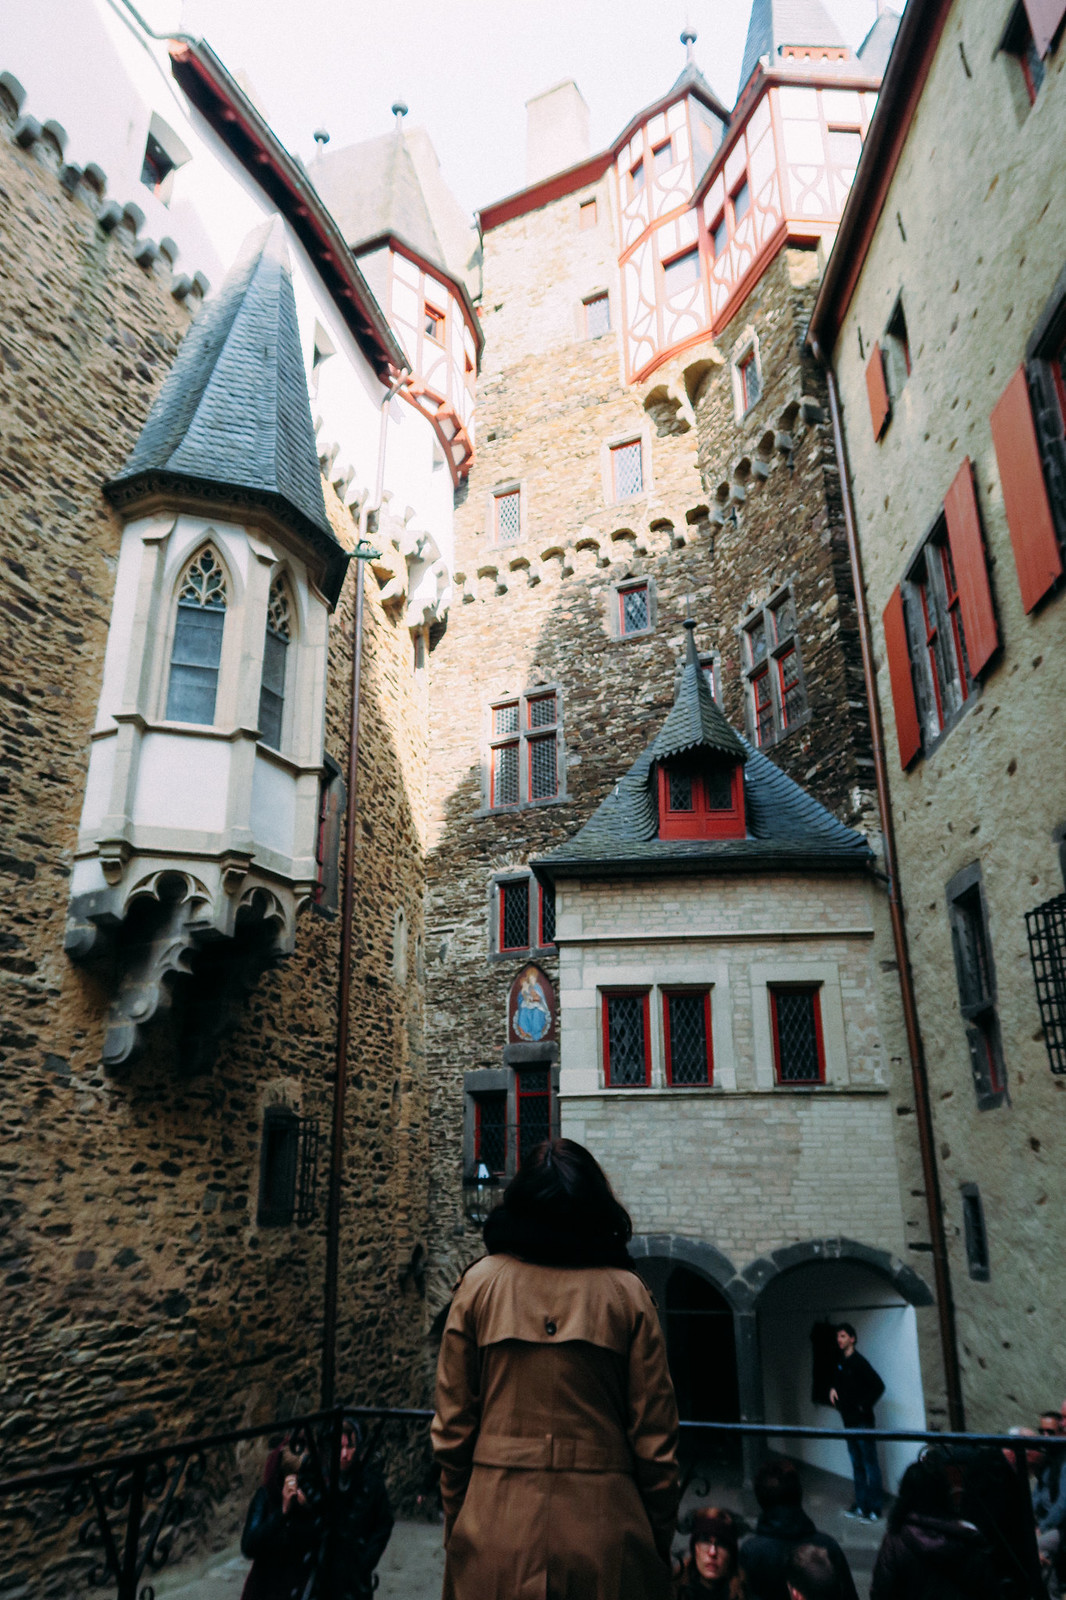 Burg Eltz 2015 (15 of 45)